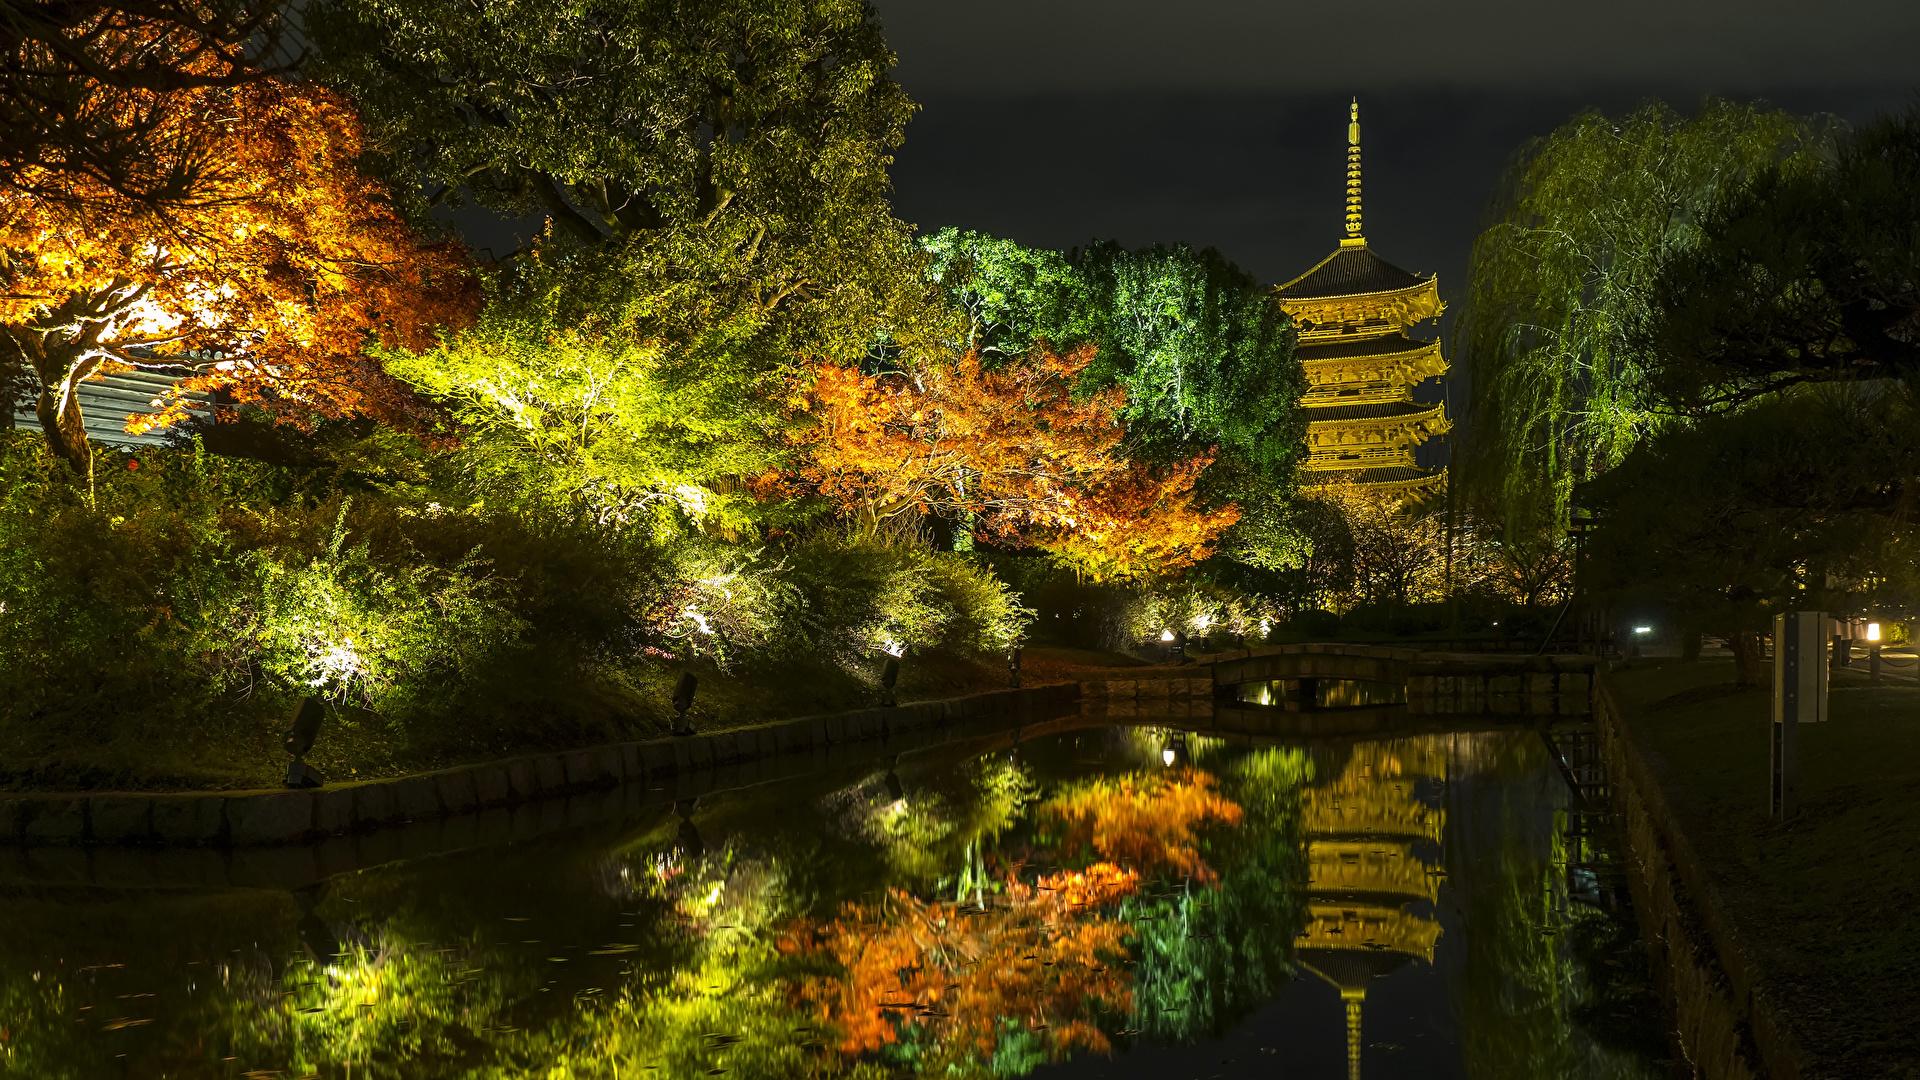 1920x1080、日本、京都市、秋、公園、池、木、夜、街灯、自然